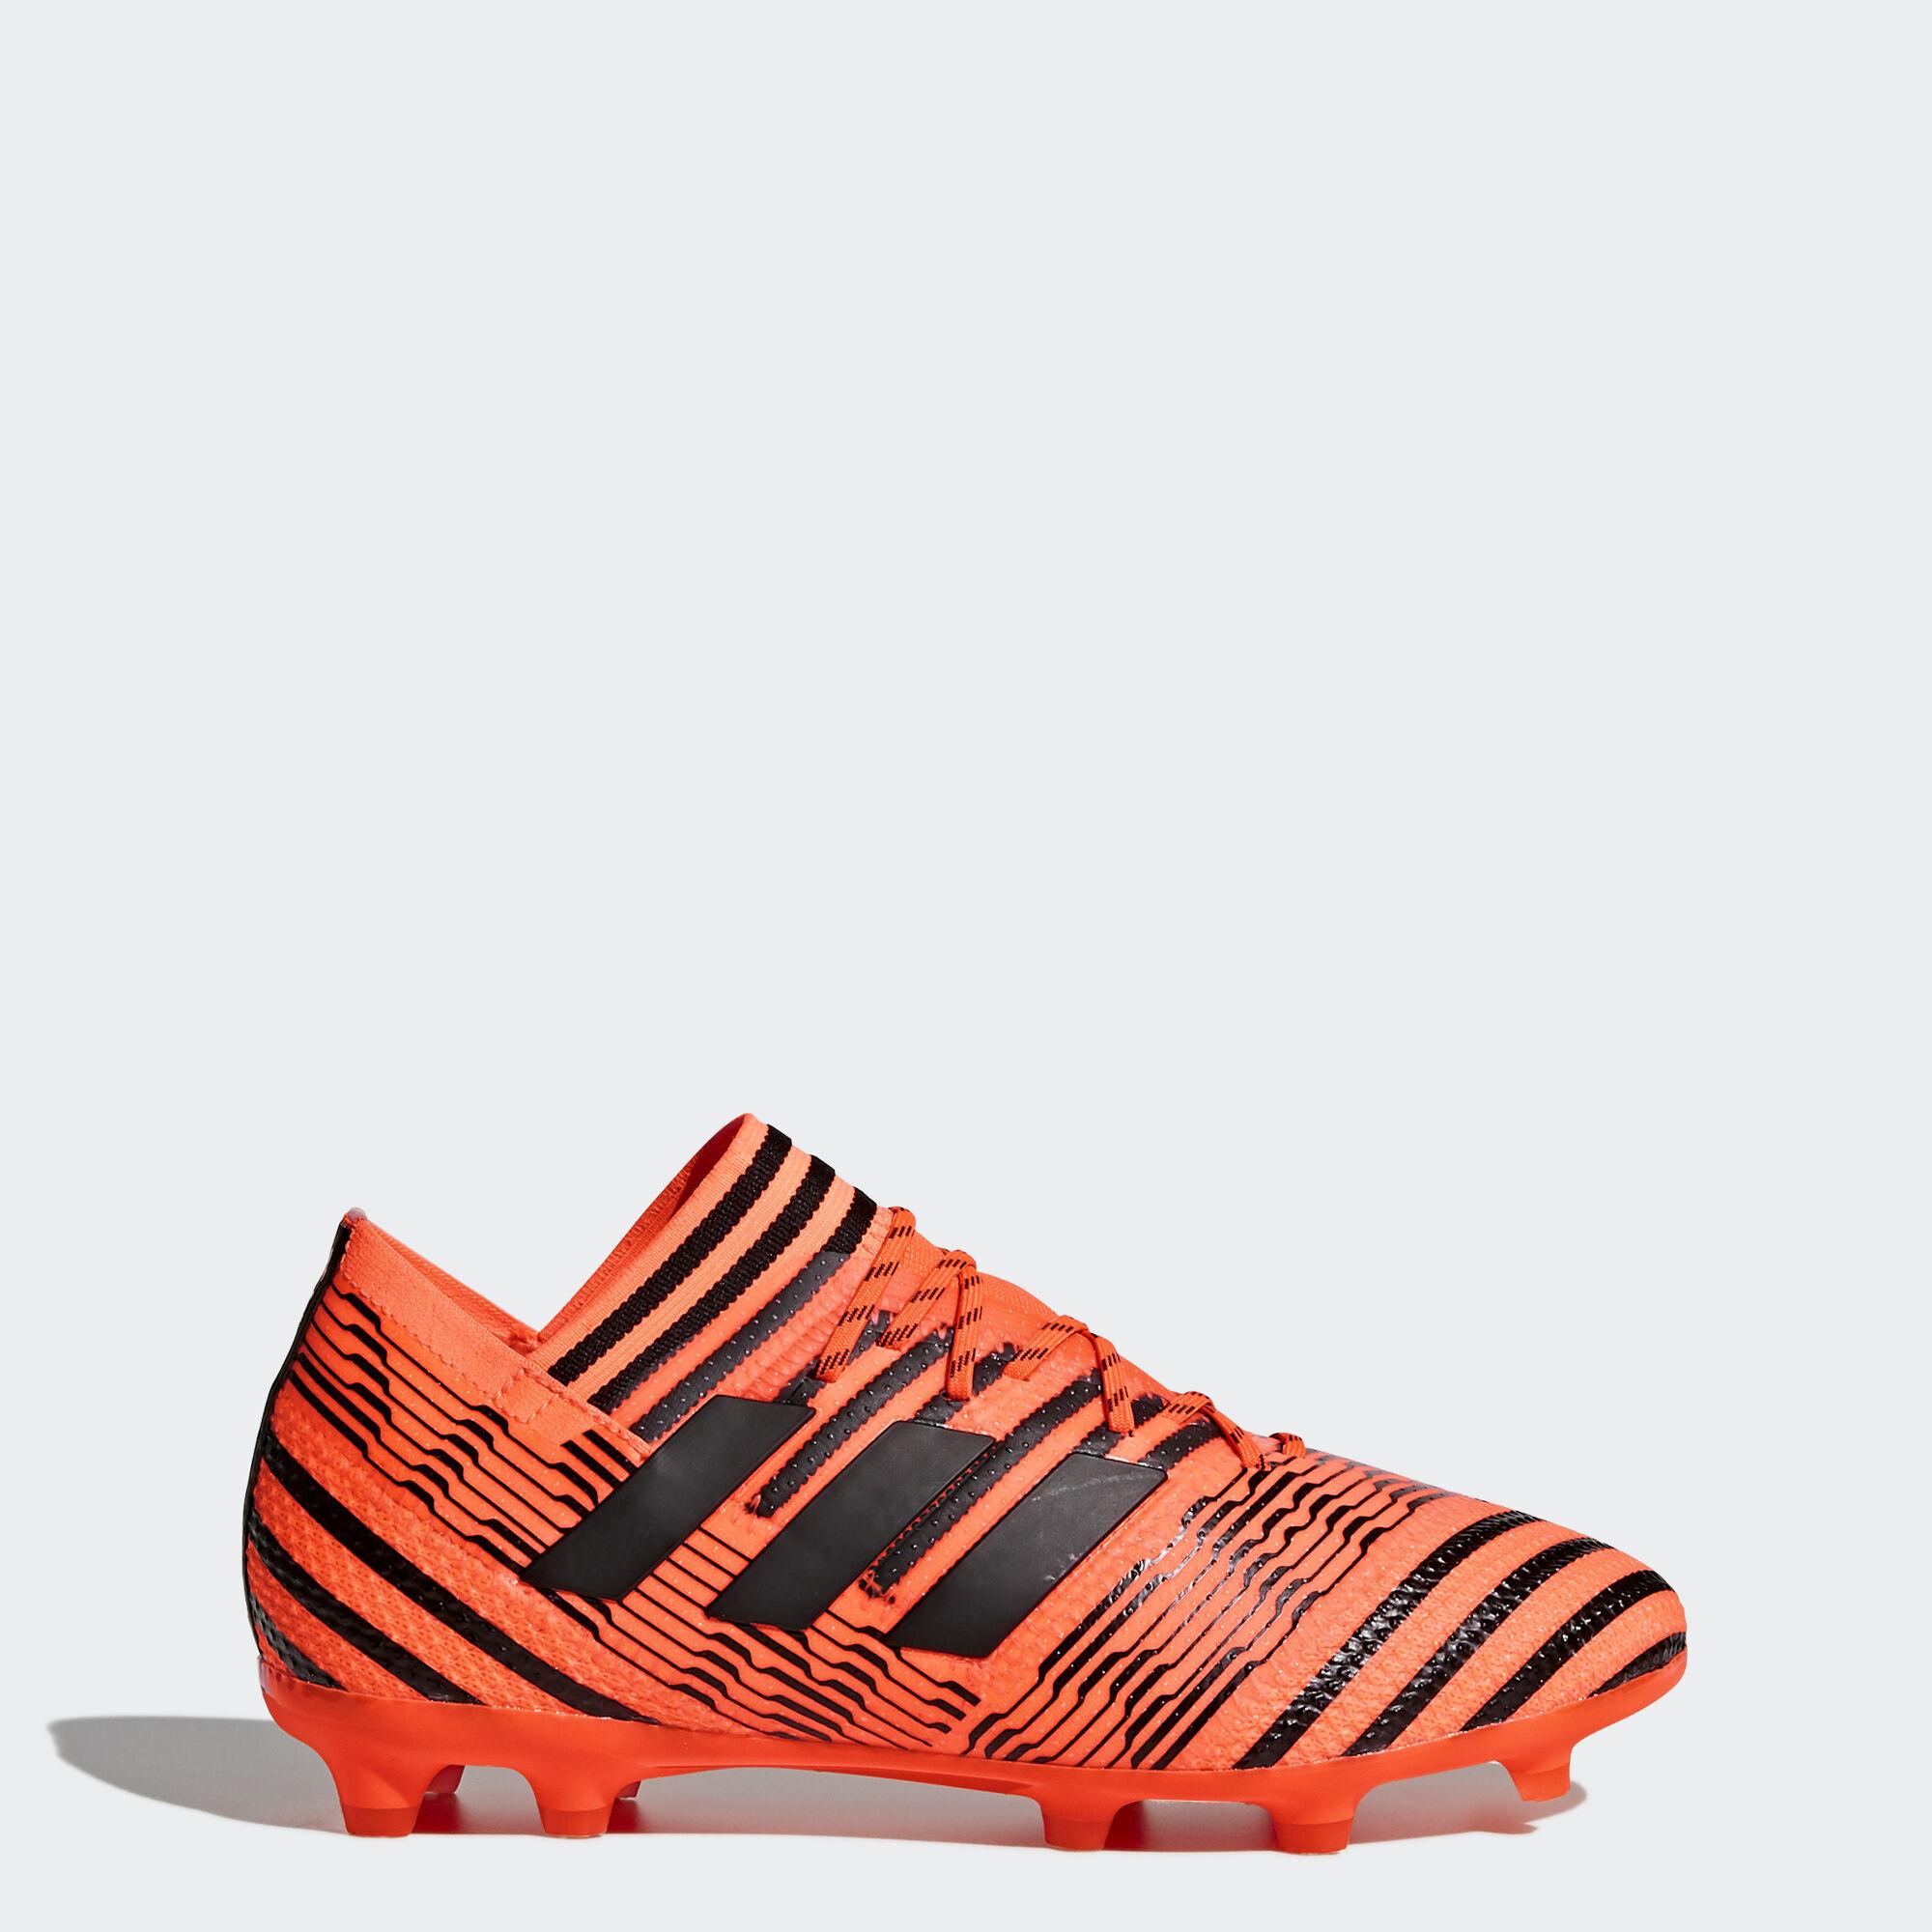 Comprar Genio Stockist Outlet Find Great Adidas Bota de fútbol Nemeziz 17.1 césped natural seco Comprar fotos baratas Footlocker Dónde comprar barato real ga9BjyeJ